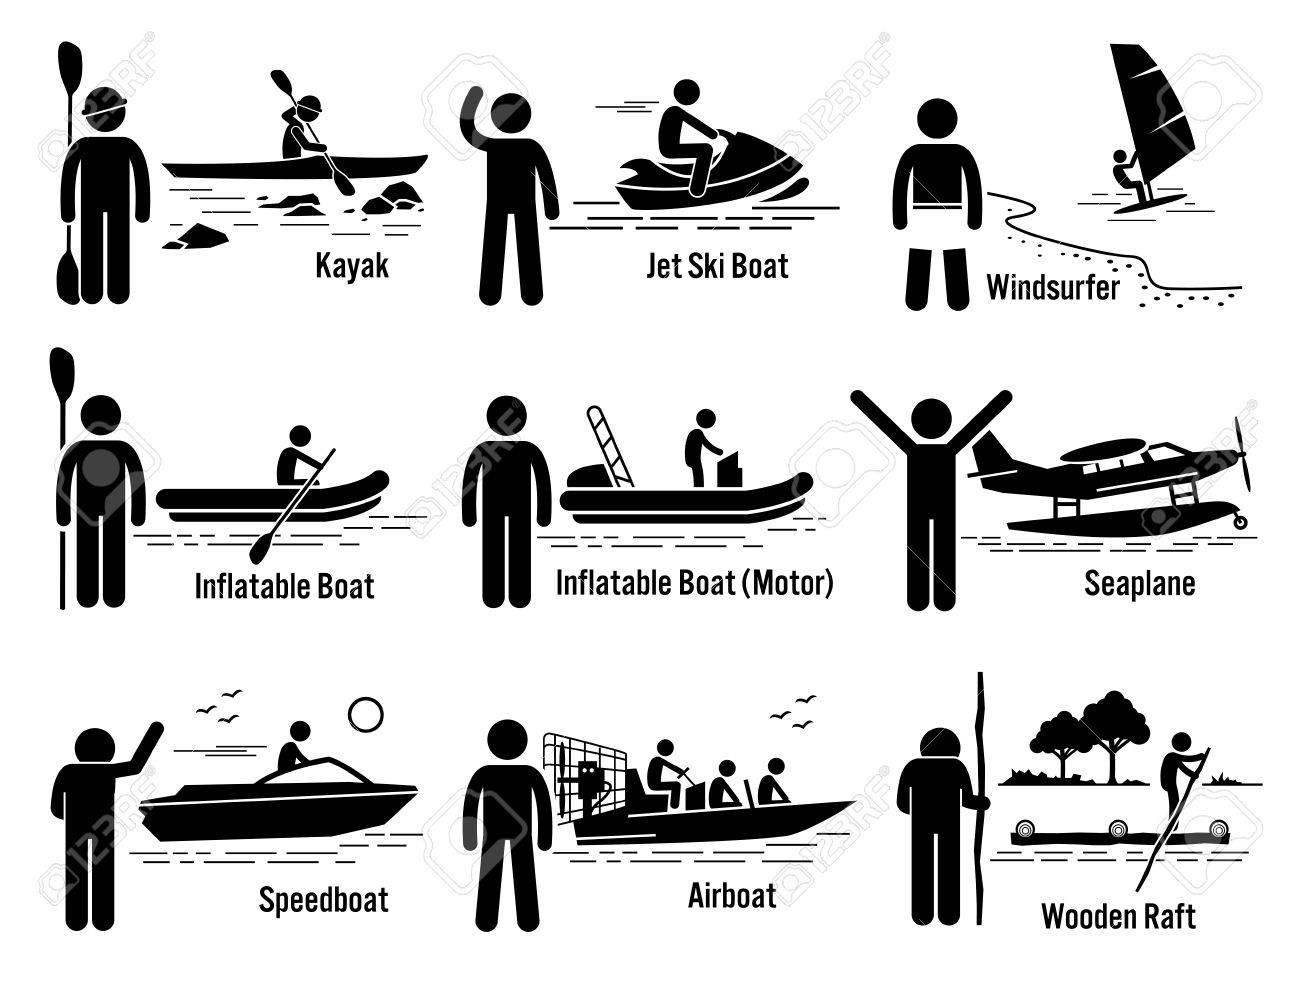 Mer D Eau Vehicules Recreatifs Et Populaire Set Kayak Jet Ski Planche A Voile Bateau Gonflable Motonautisme Hydravions Speedboat Hydroglisseur Et Radeau Clip Art Libres De Droits Vecteurs Et Illustration Image 52400061